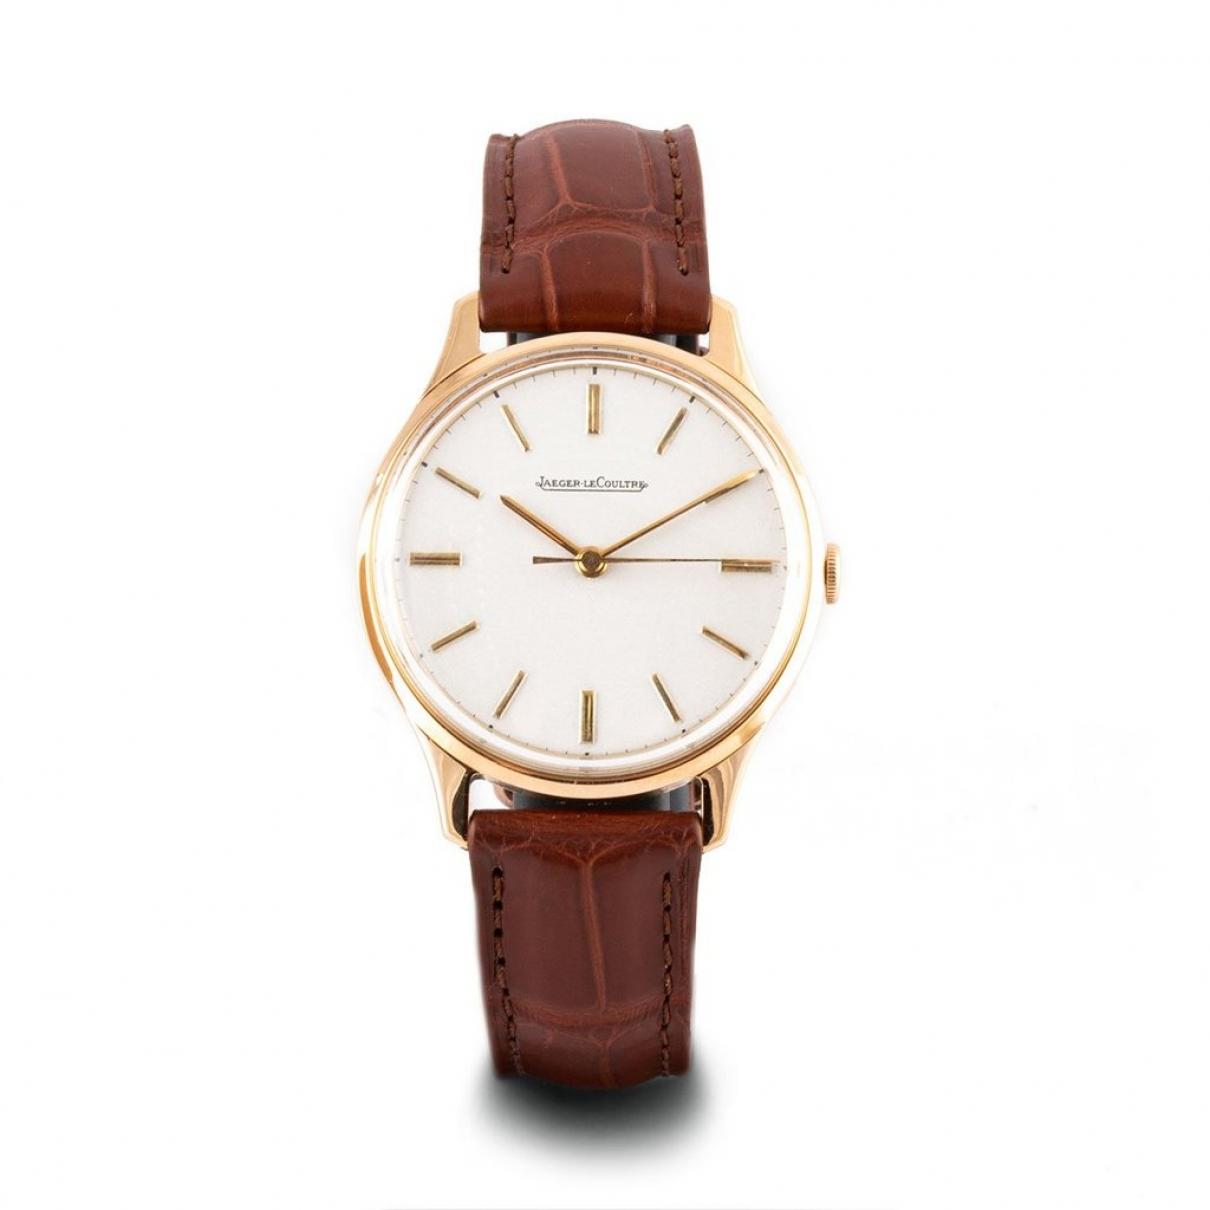 Jaeger-lecoultre - Montre Vintage pour femme en or rose - beige